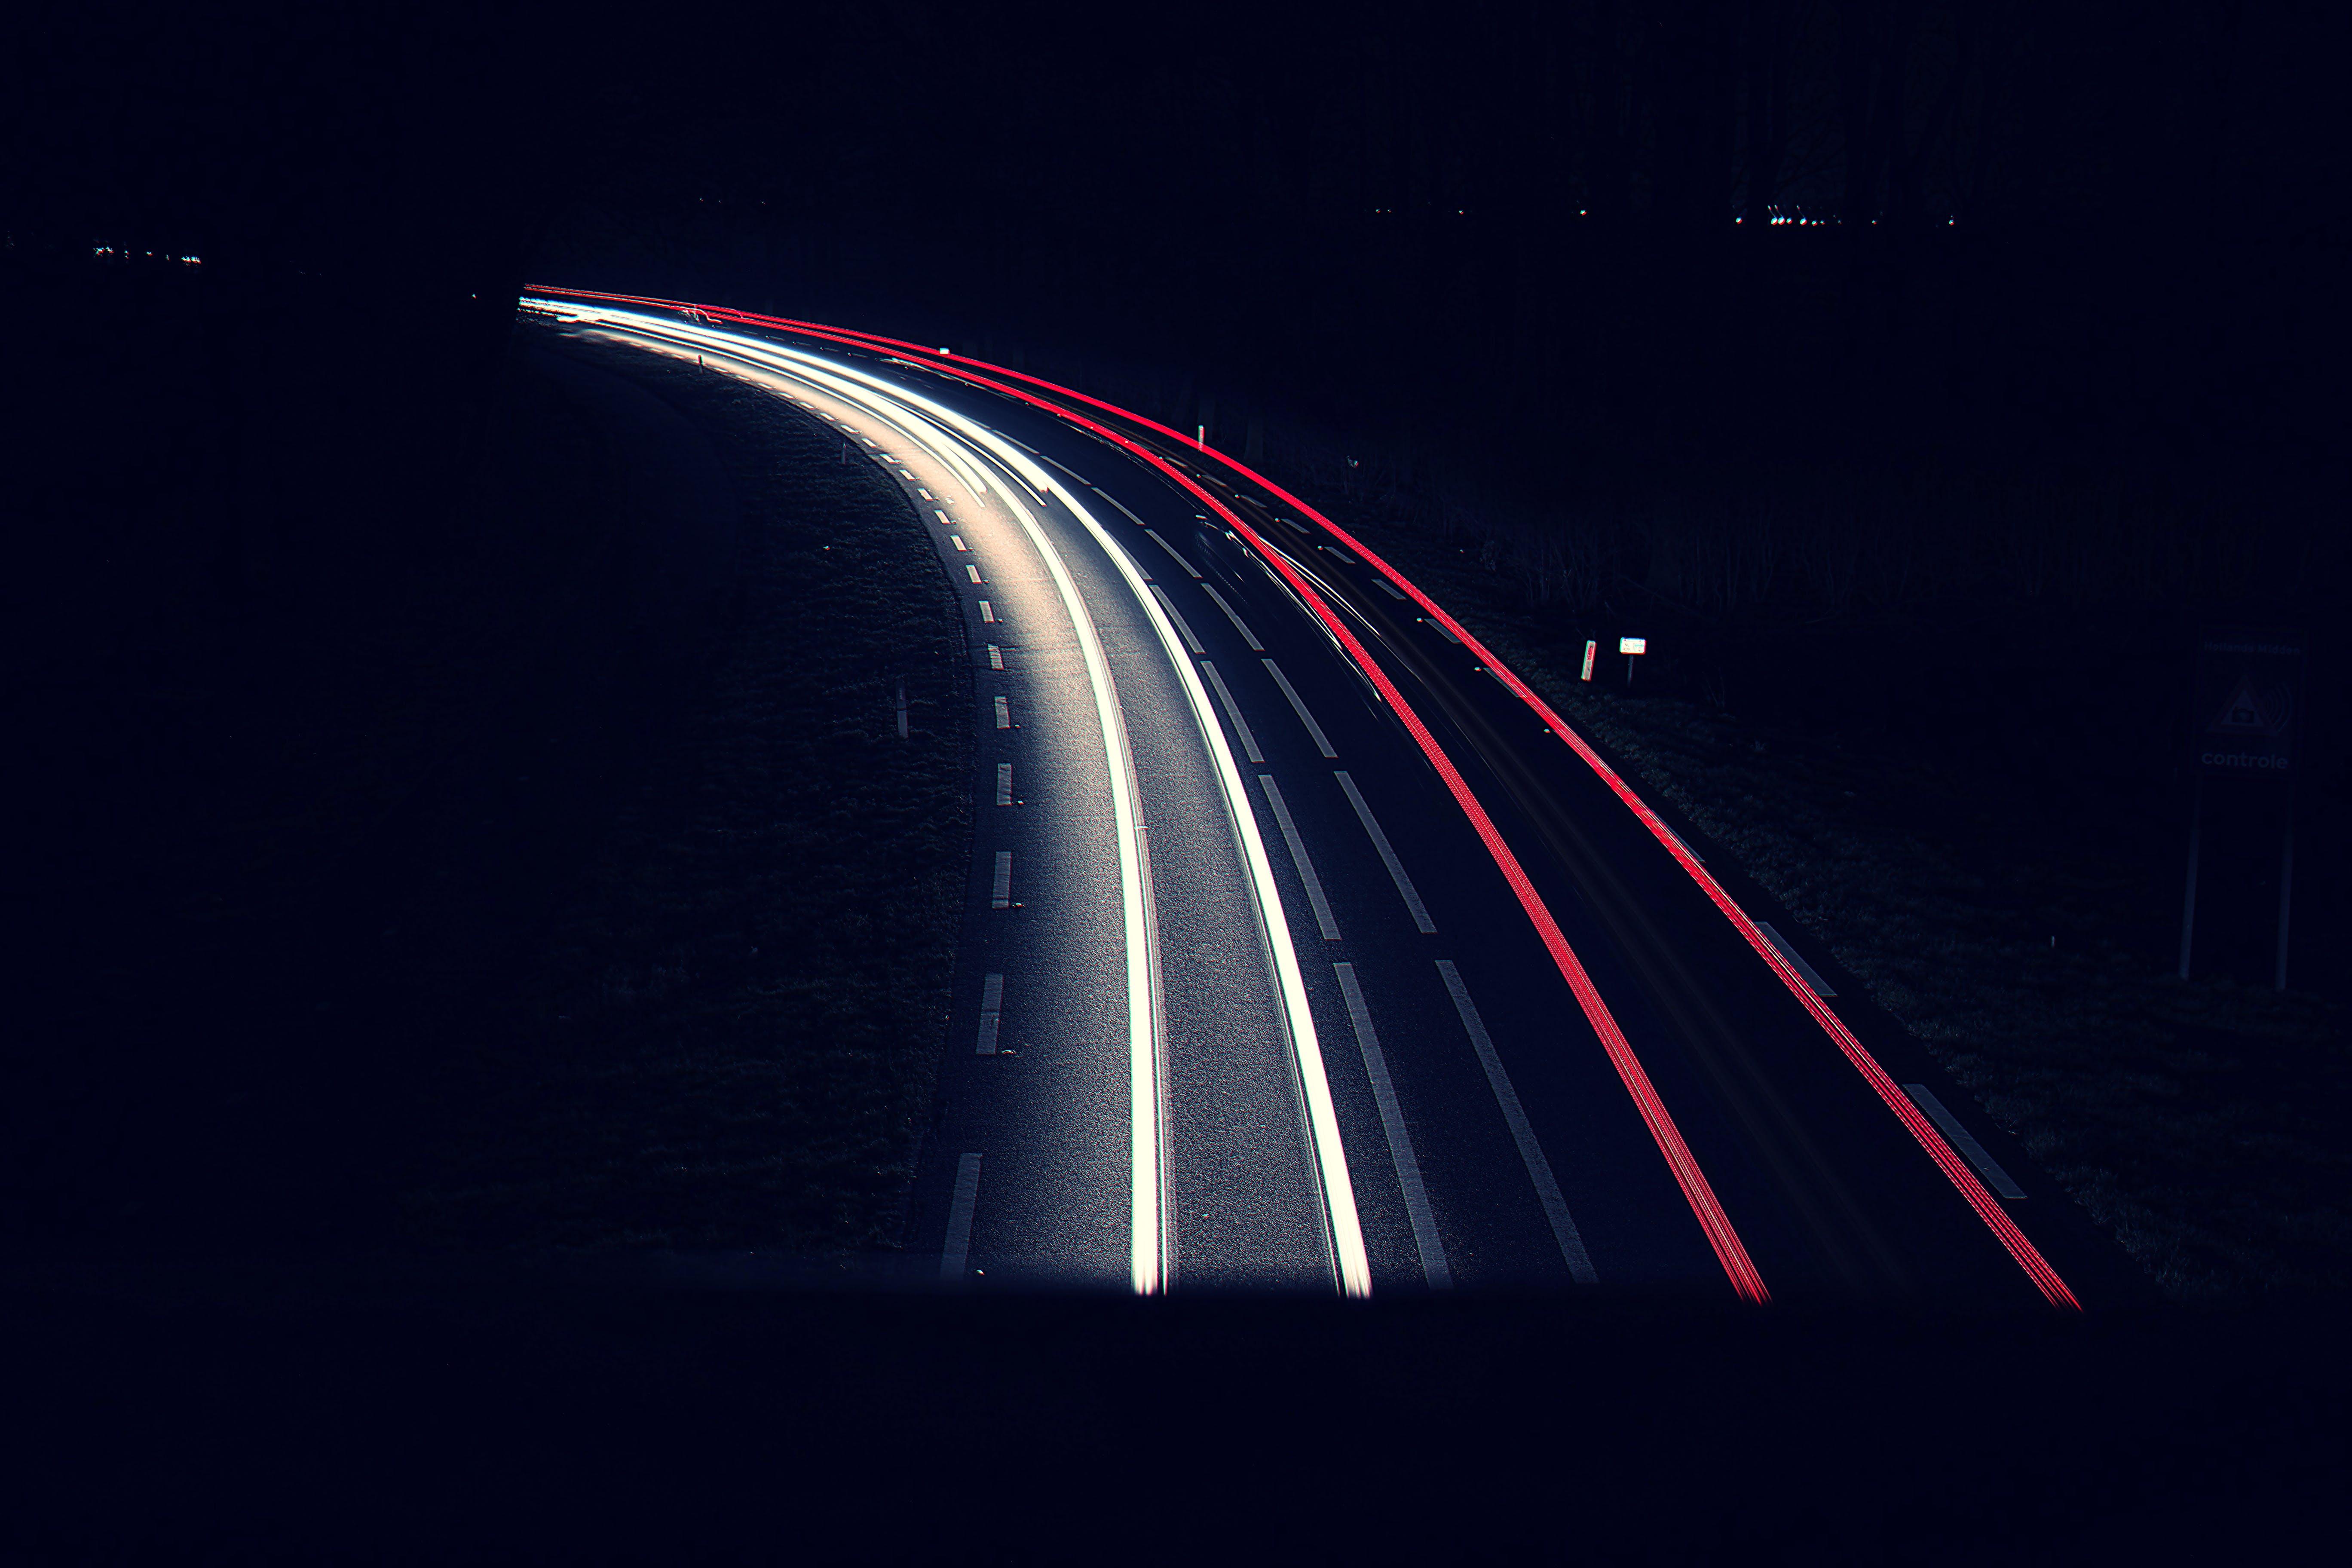 dlouhá expozice, noc, silnice